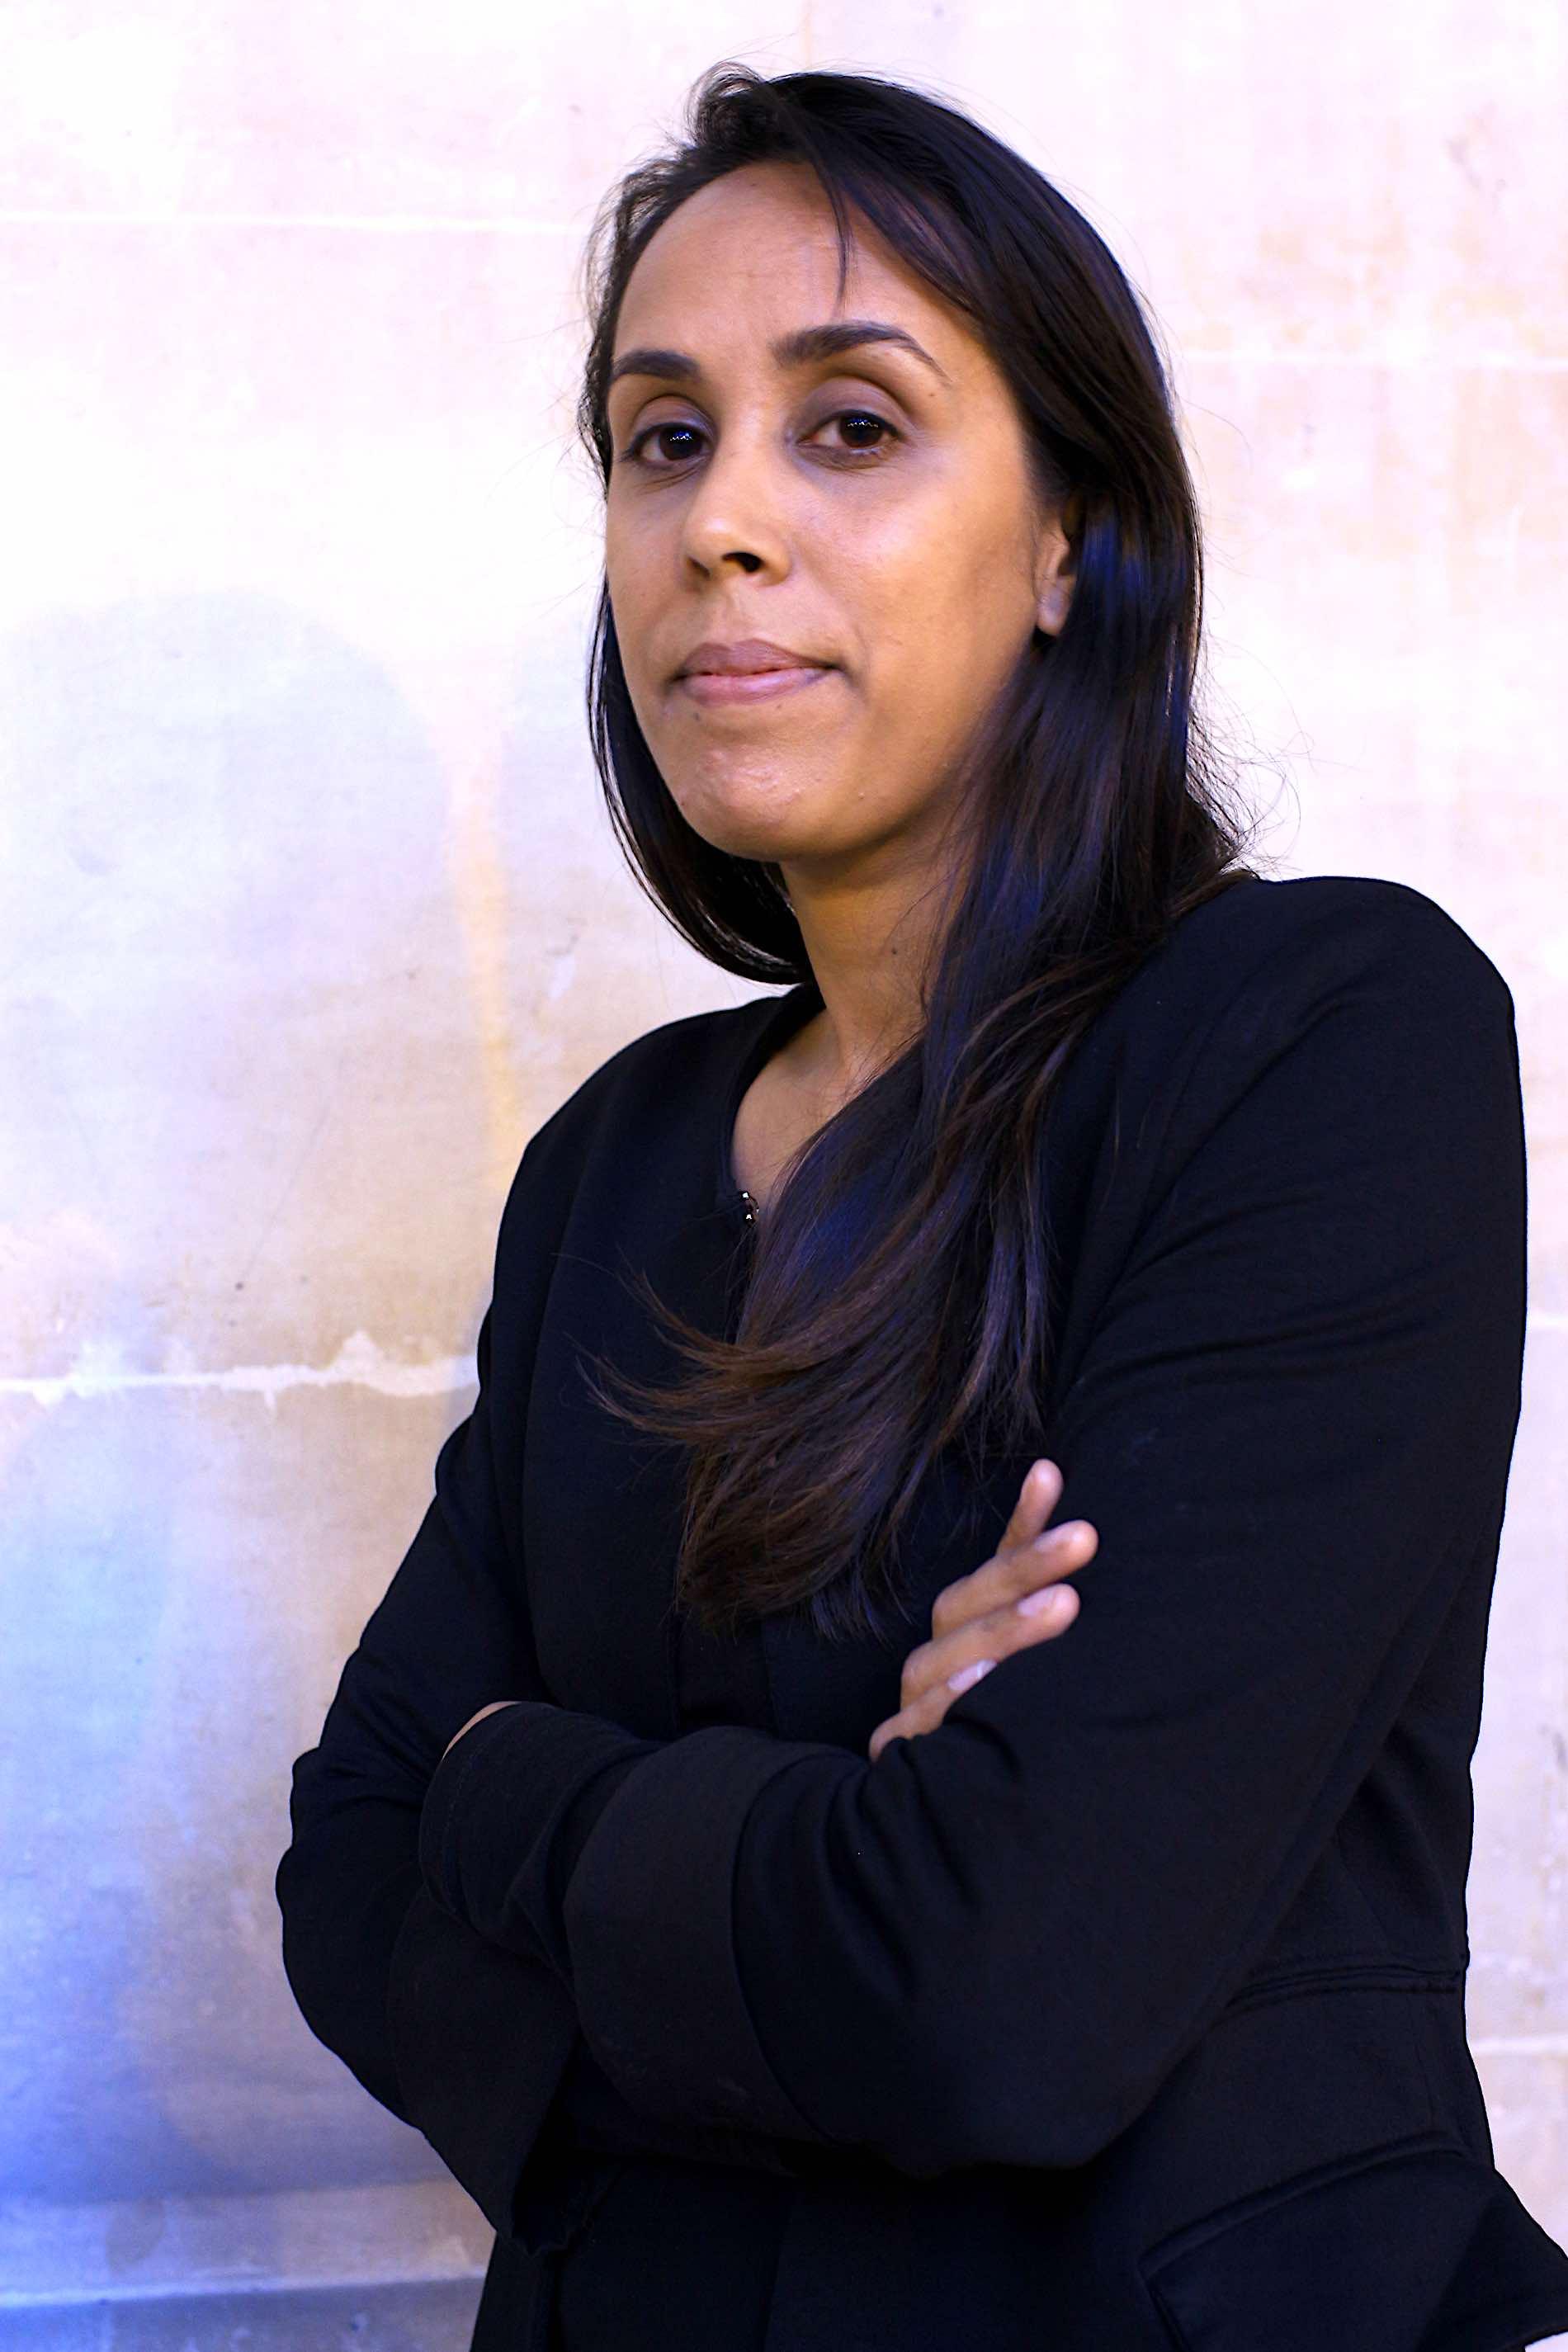 Maître Zareen Chadee